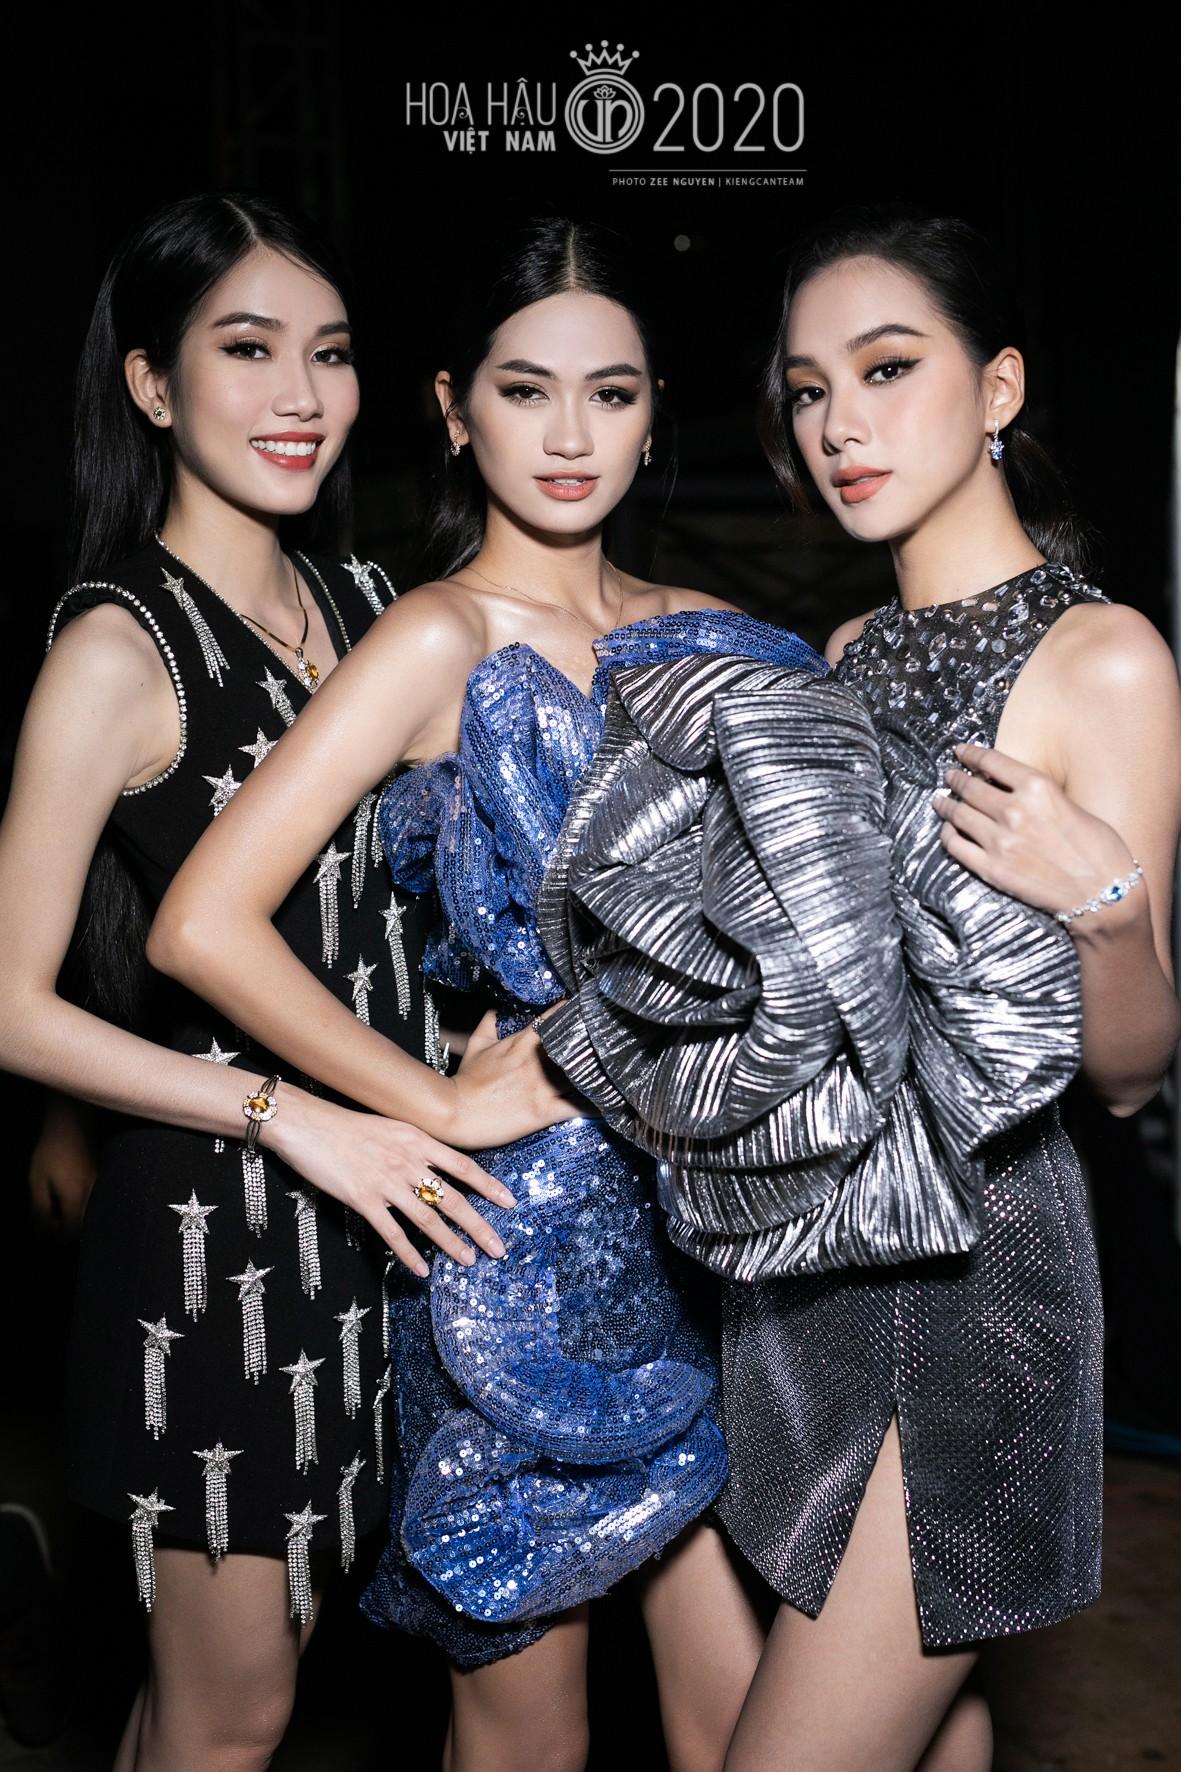 Hé lộ loạt ảnh hậu trường chung kết xinh đẹp của Hoa hậu Đỗ Thị Hà và các thí sinh ảnh 15